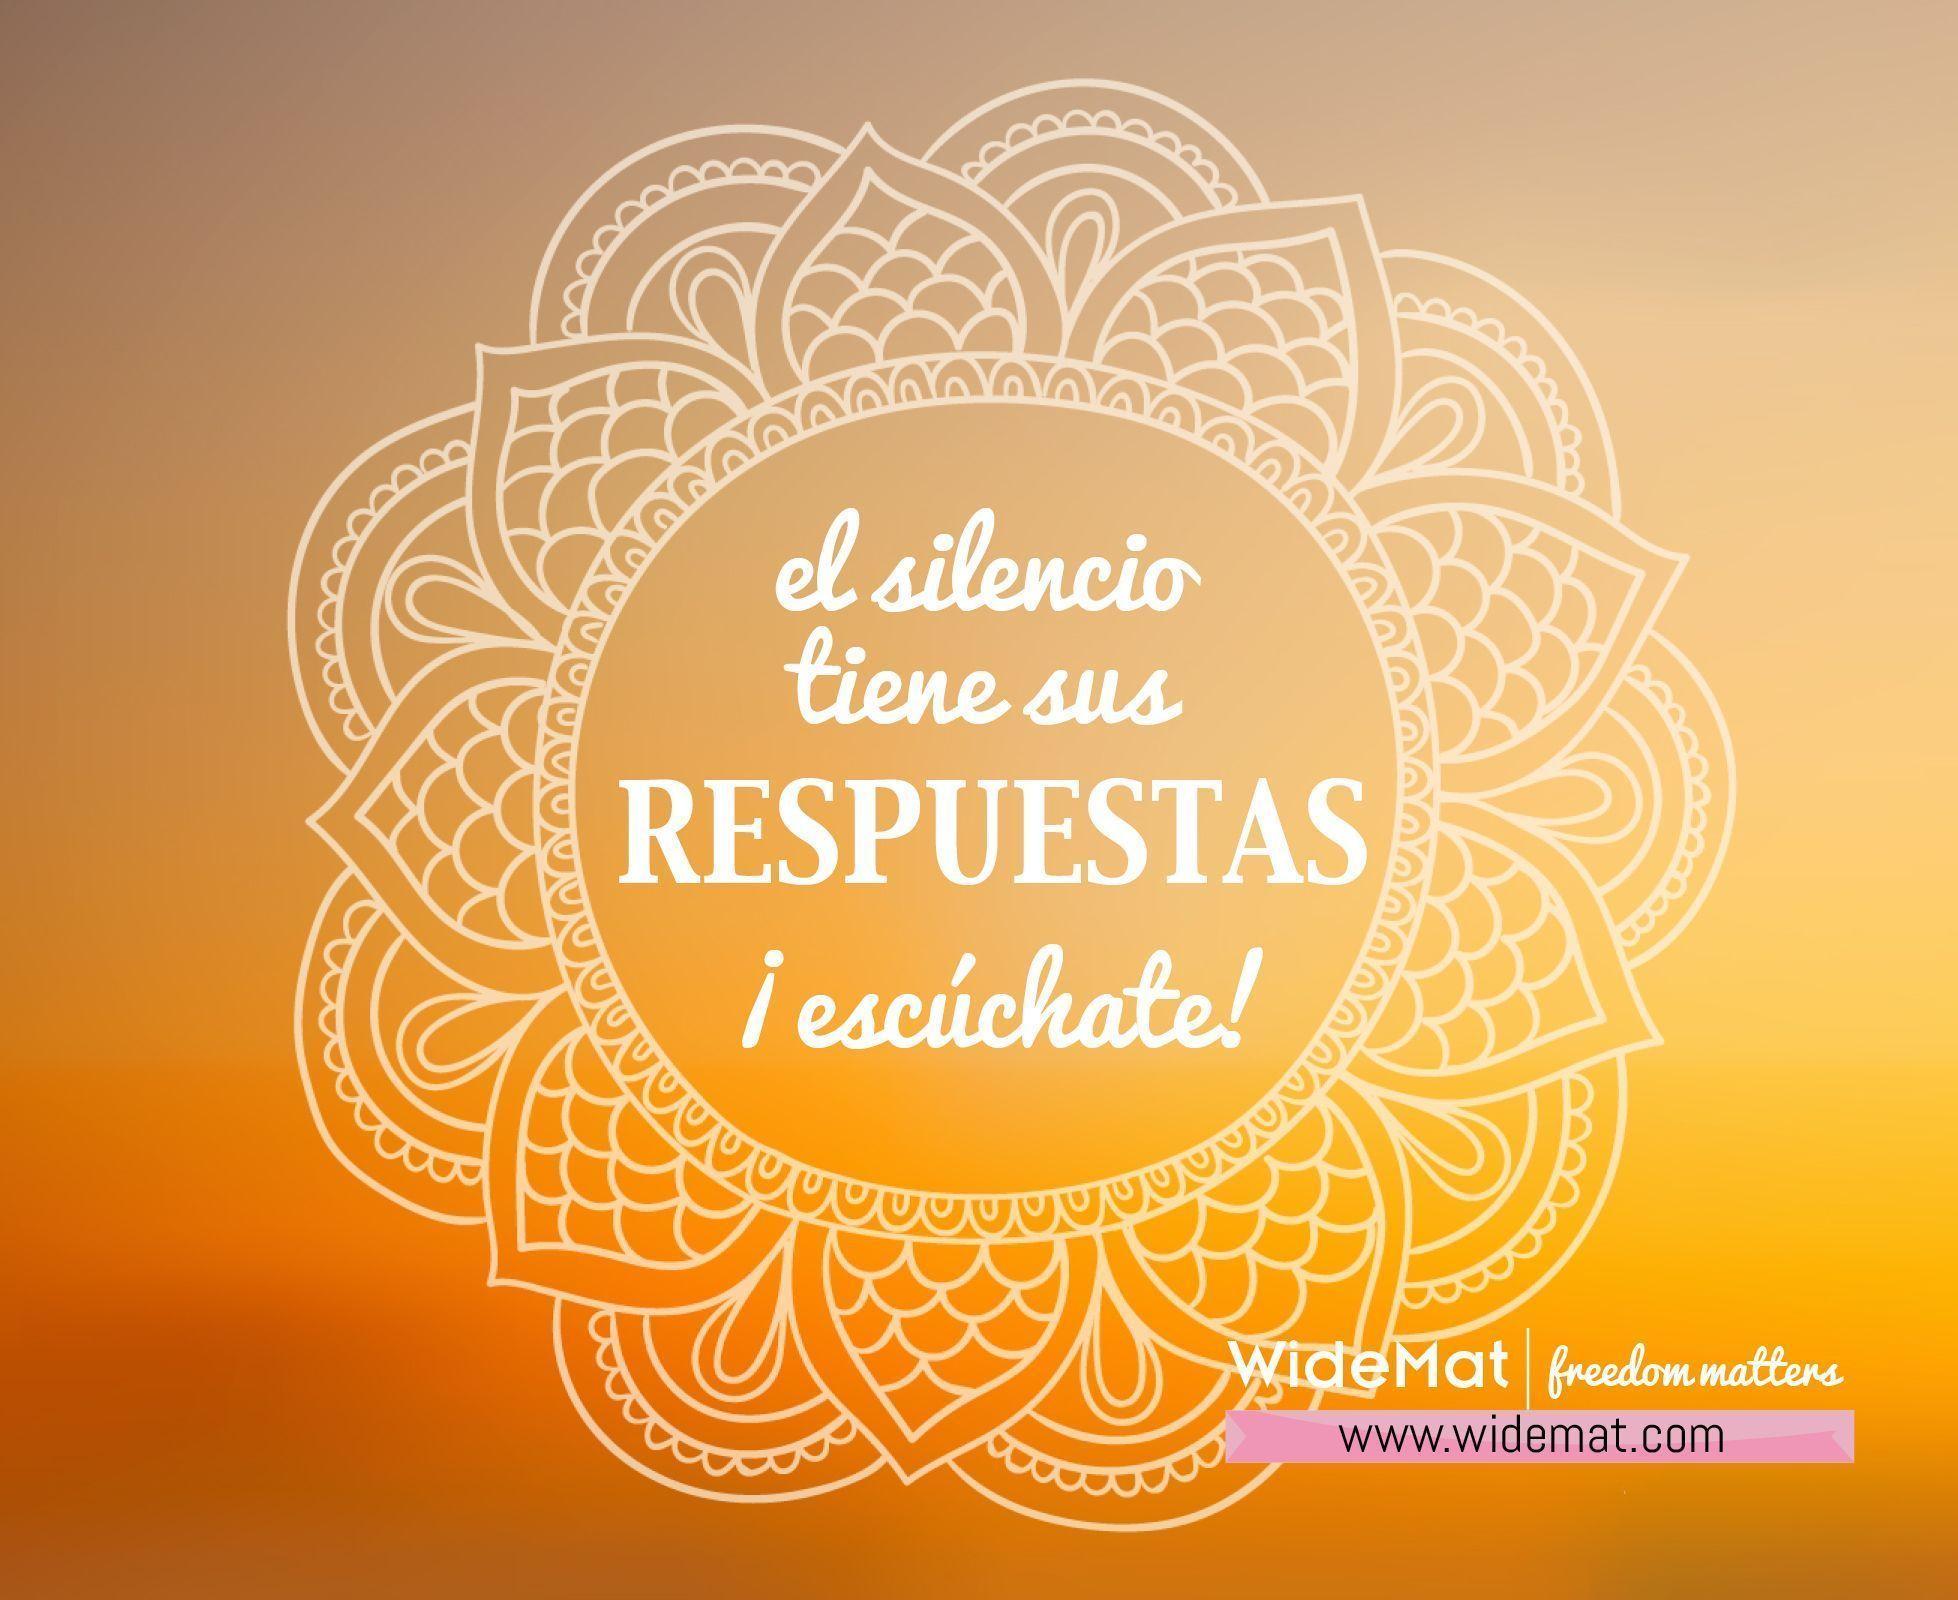 el silencio tiene sus respuestas